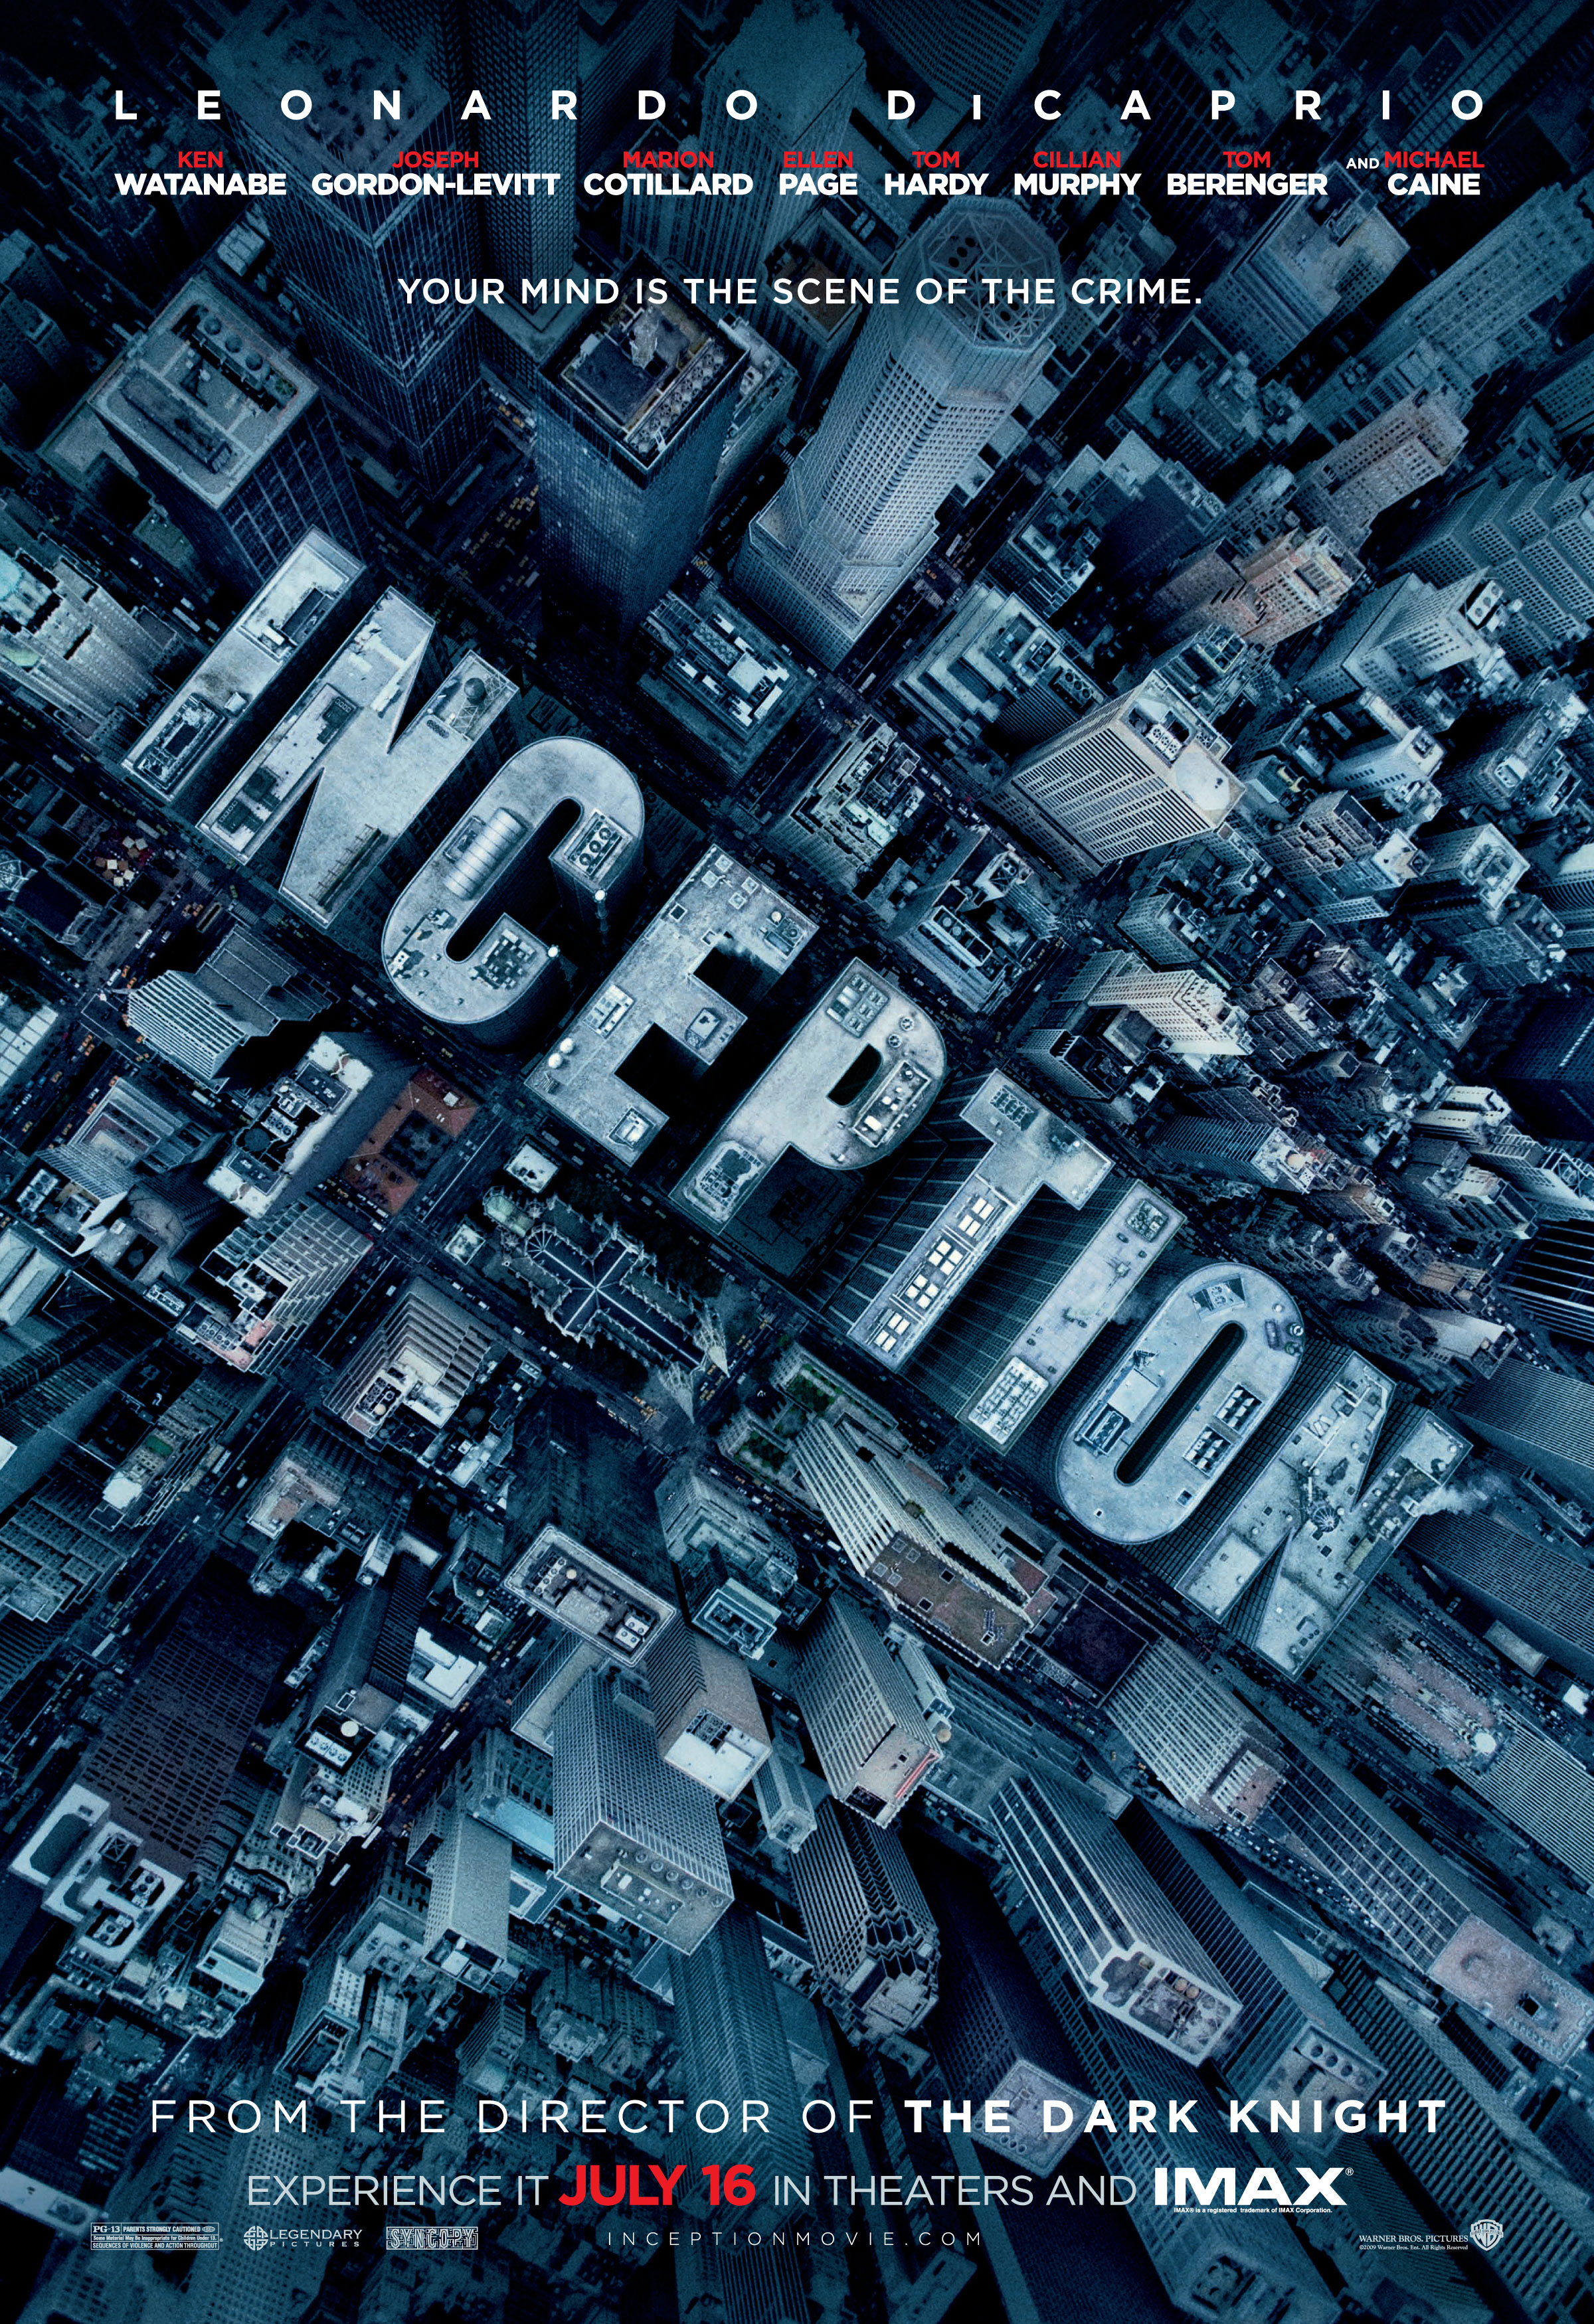 плакат фильма тизер вирусная кампания Начало